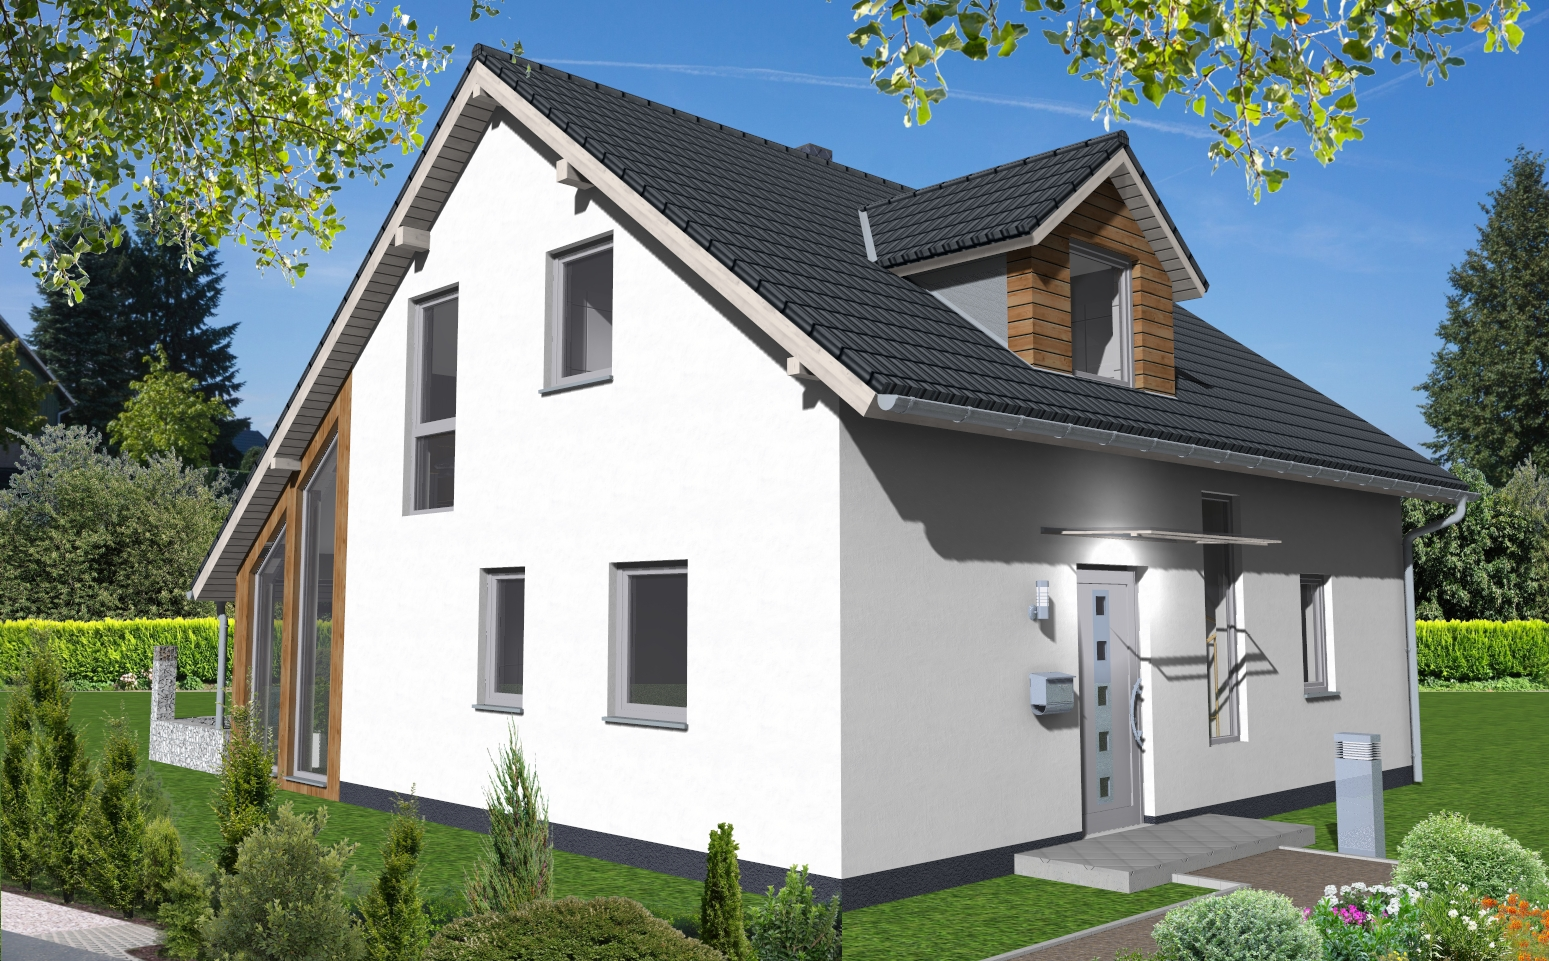 einfamilienhaus 1 080 wapelhorst planen und bauen. Black Bedroom Furniture Sets. Home Design Ideas